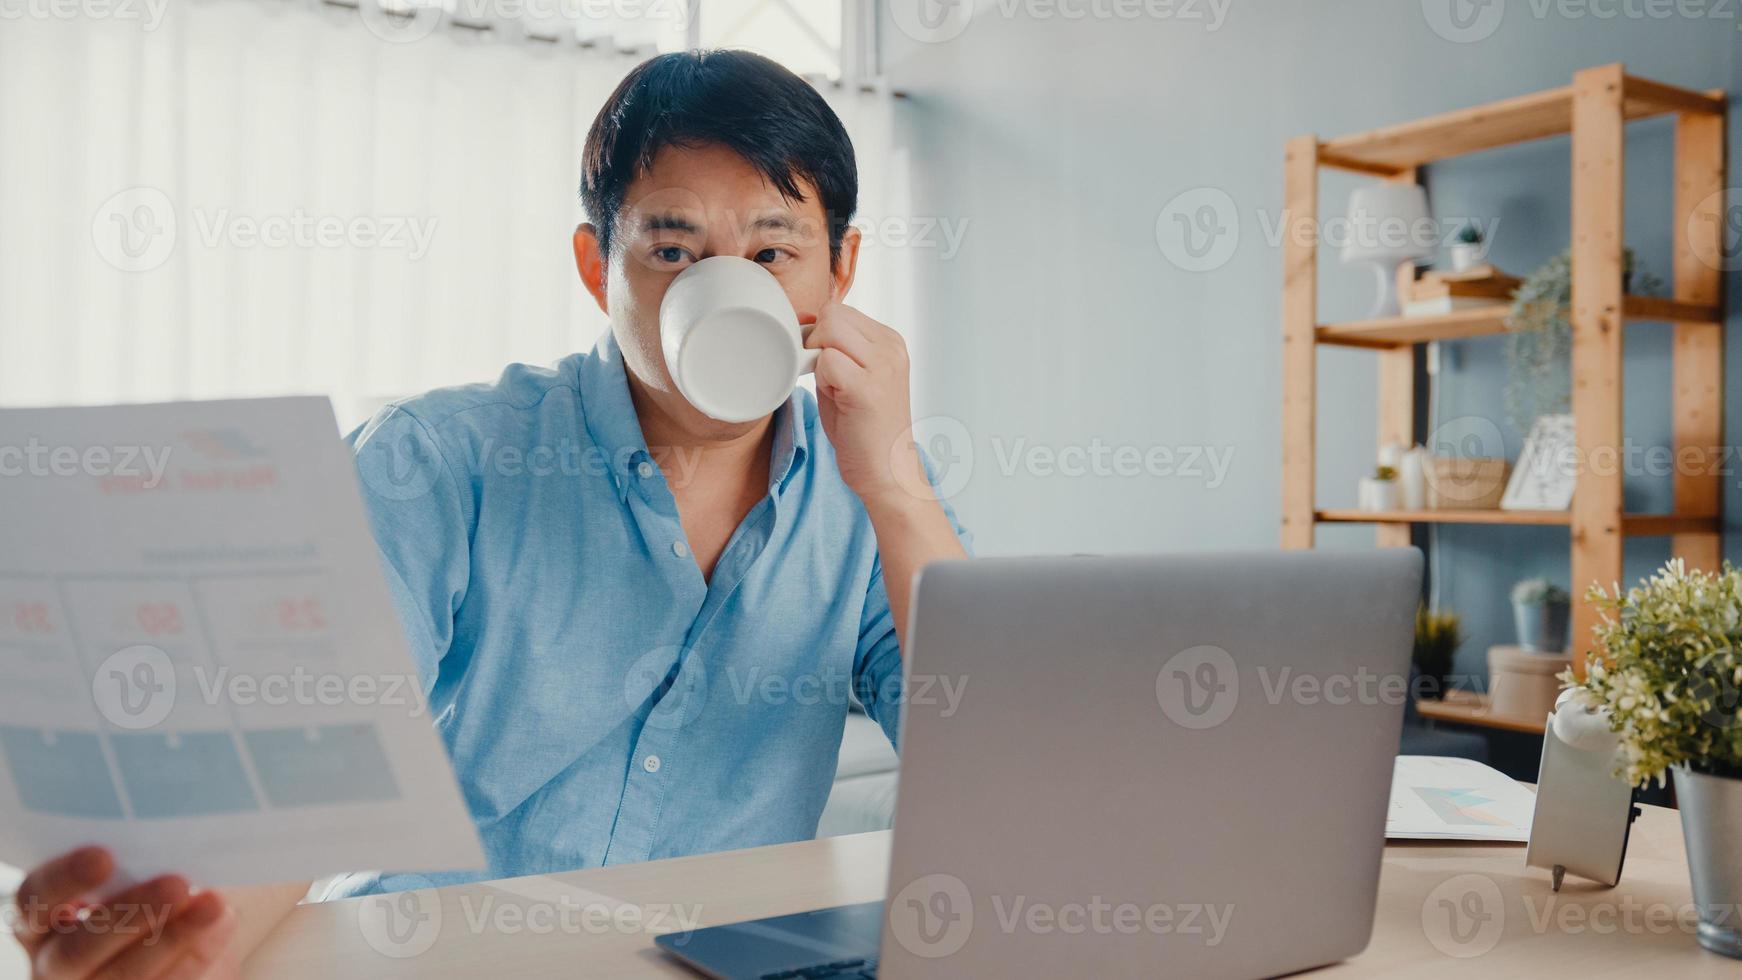 freelance asia guy casual wear usando laptop y tomando café en la sala de estar en casa. trabajo desde casa, trabajo a distancia, educación a distancia, distanciamiento social, cuarentena para la prevención del coronavirus. foto